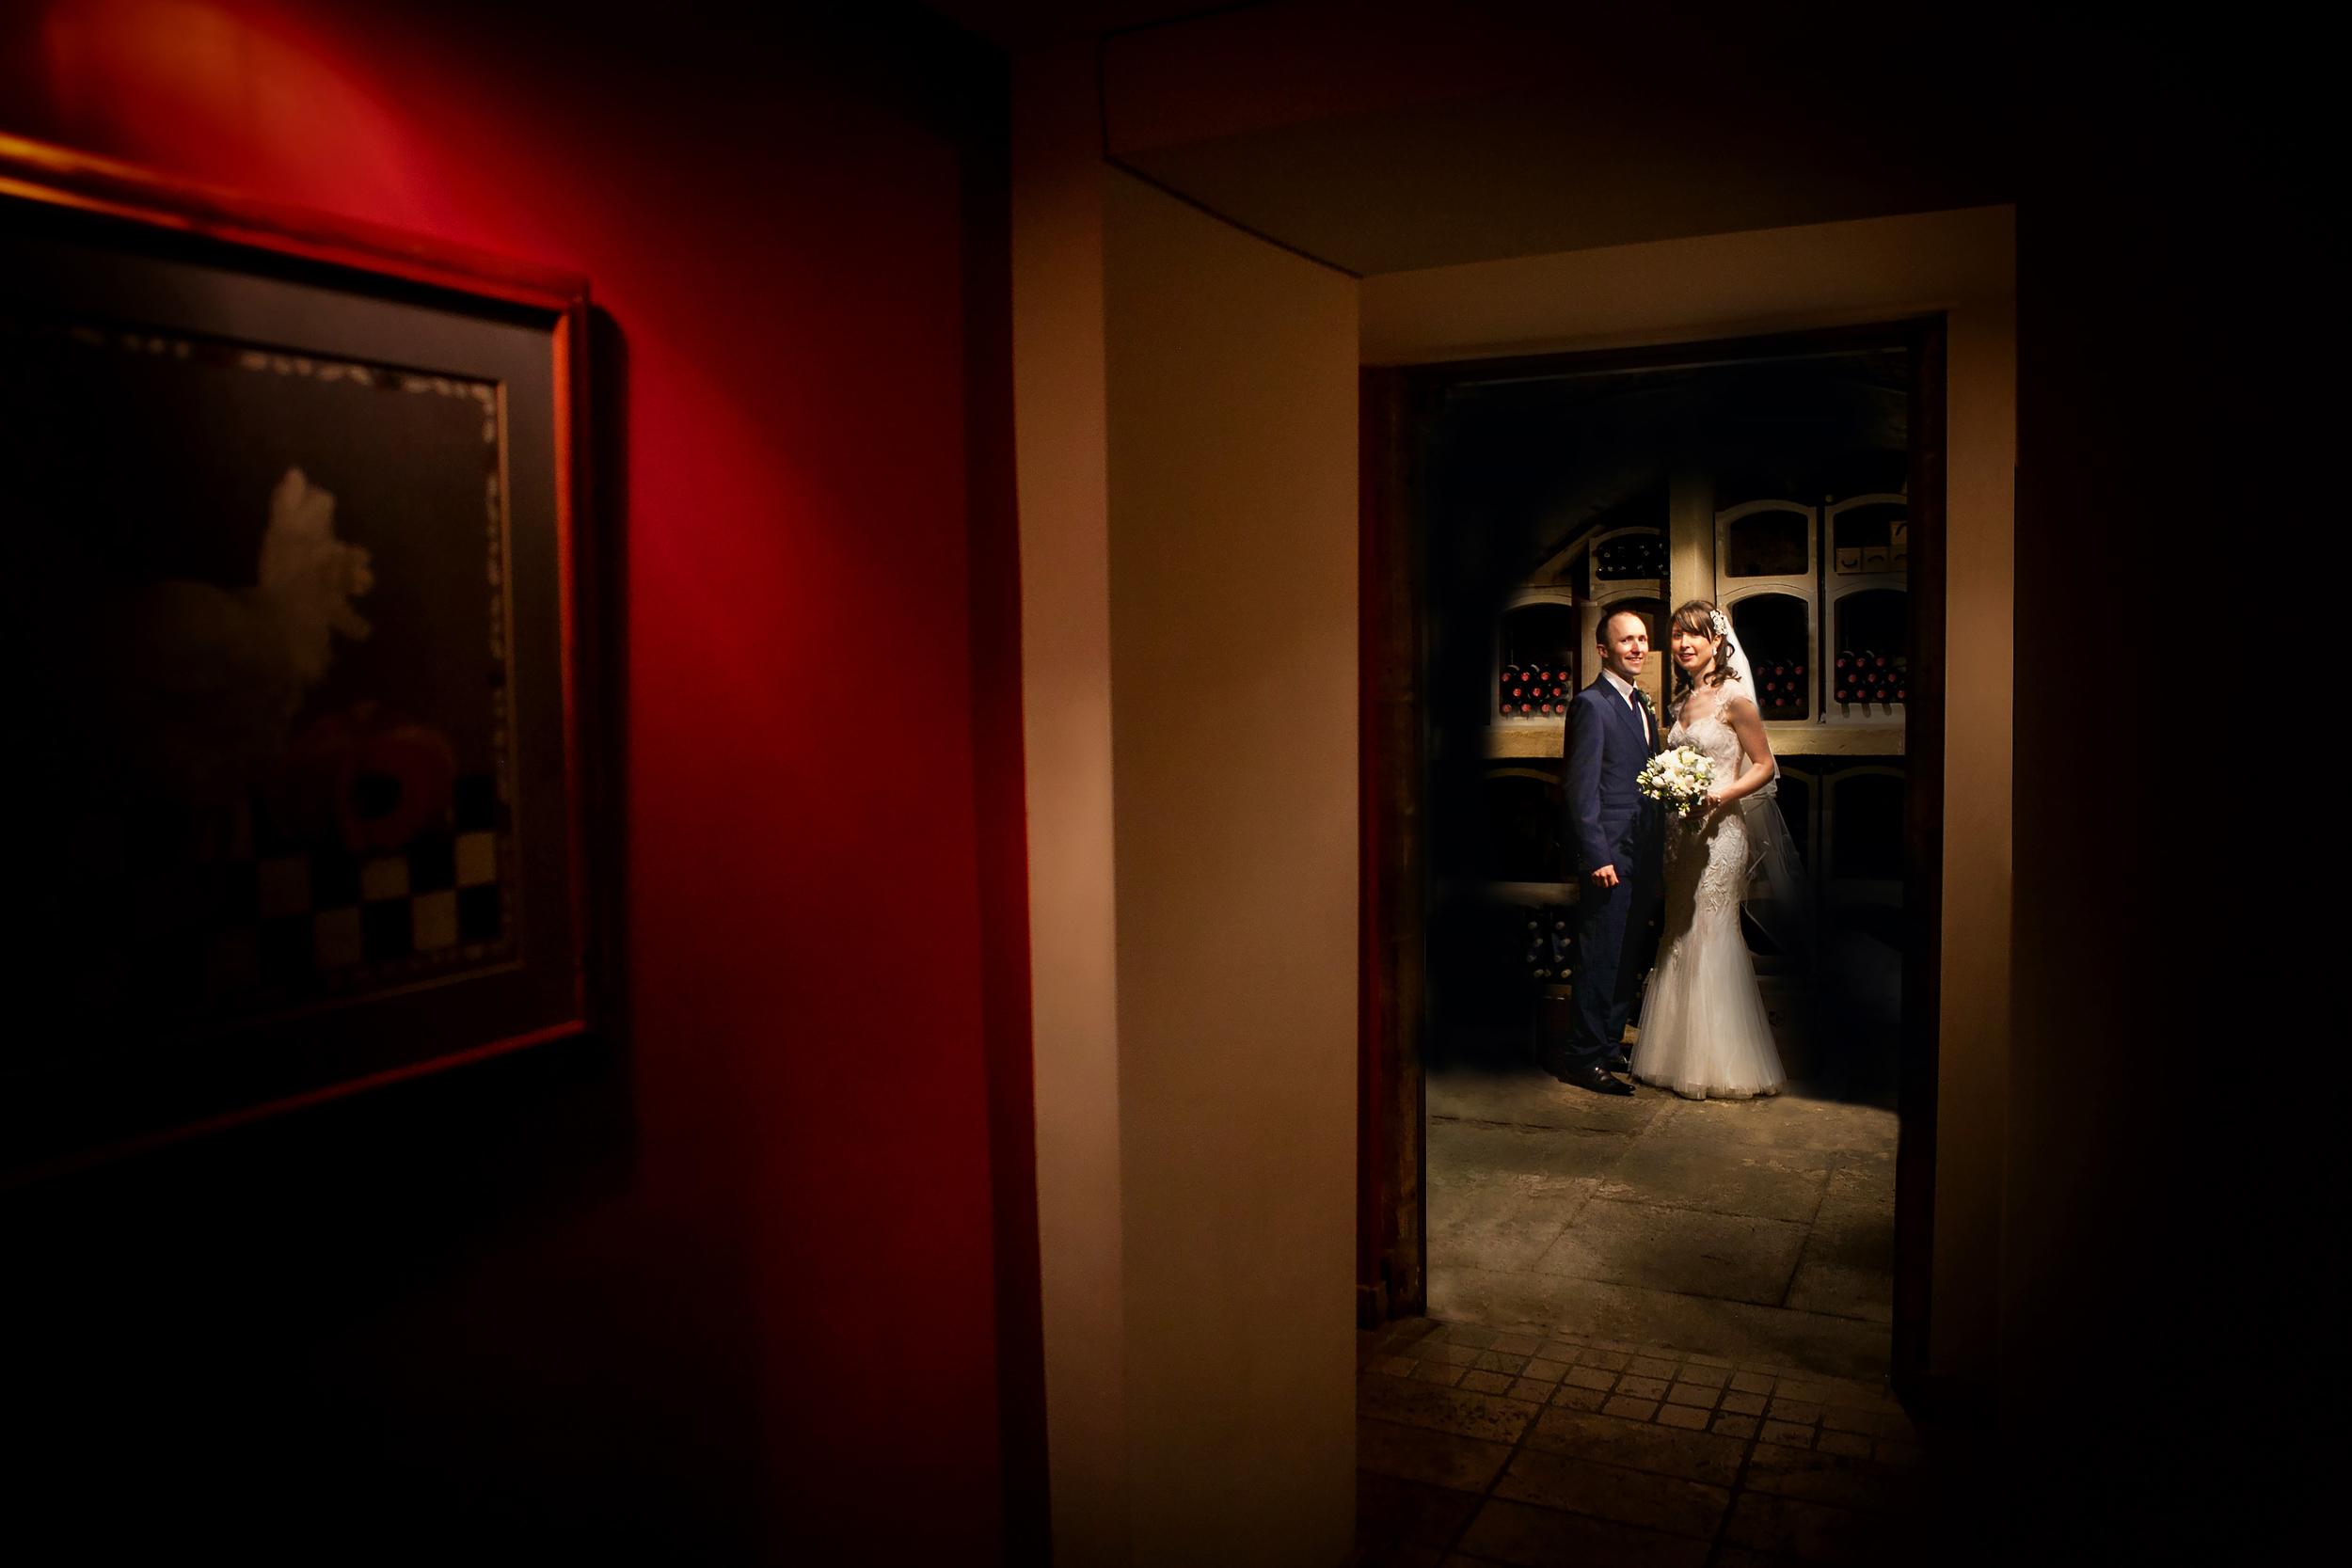 jesmond dene house weddings.jpg